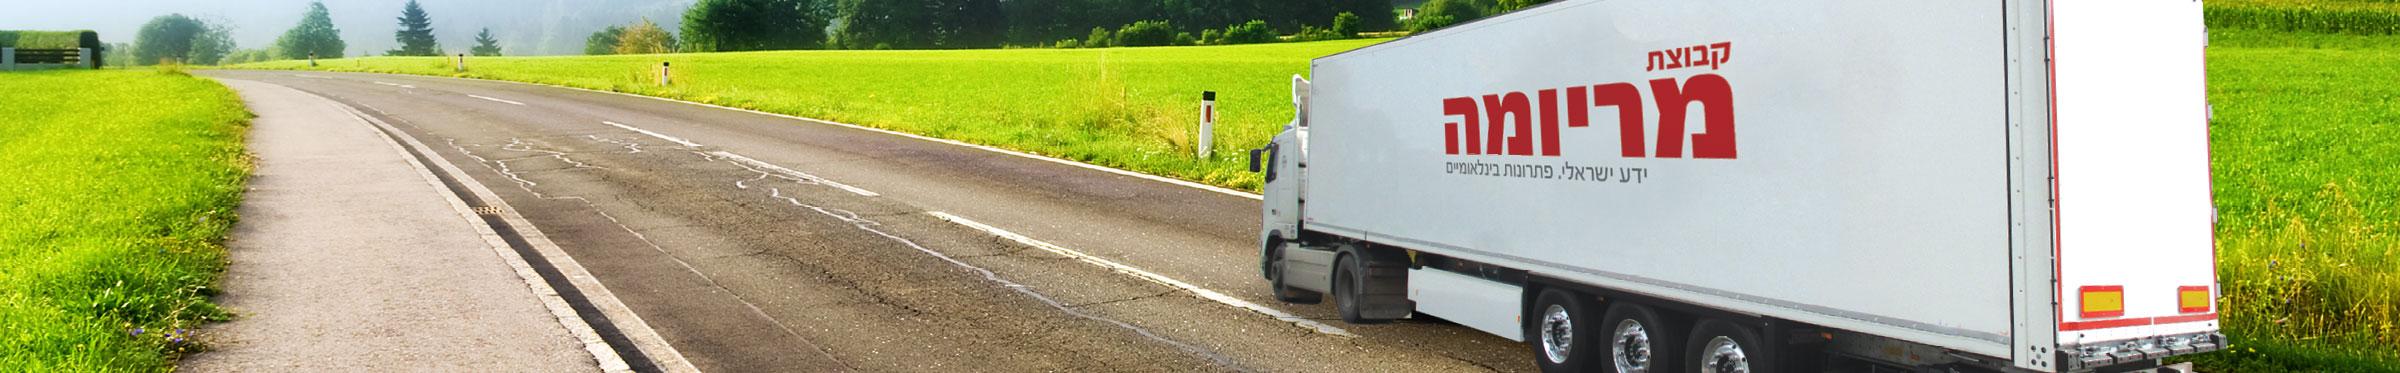 משאית מריומה נוסעת